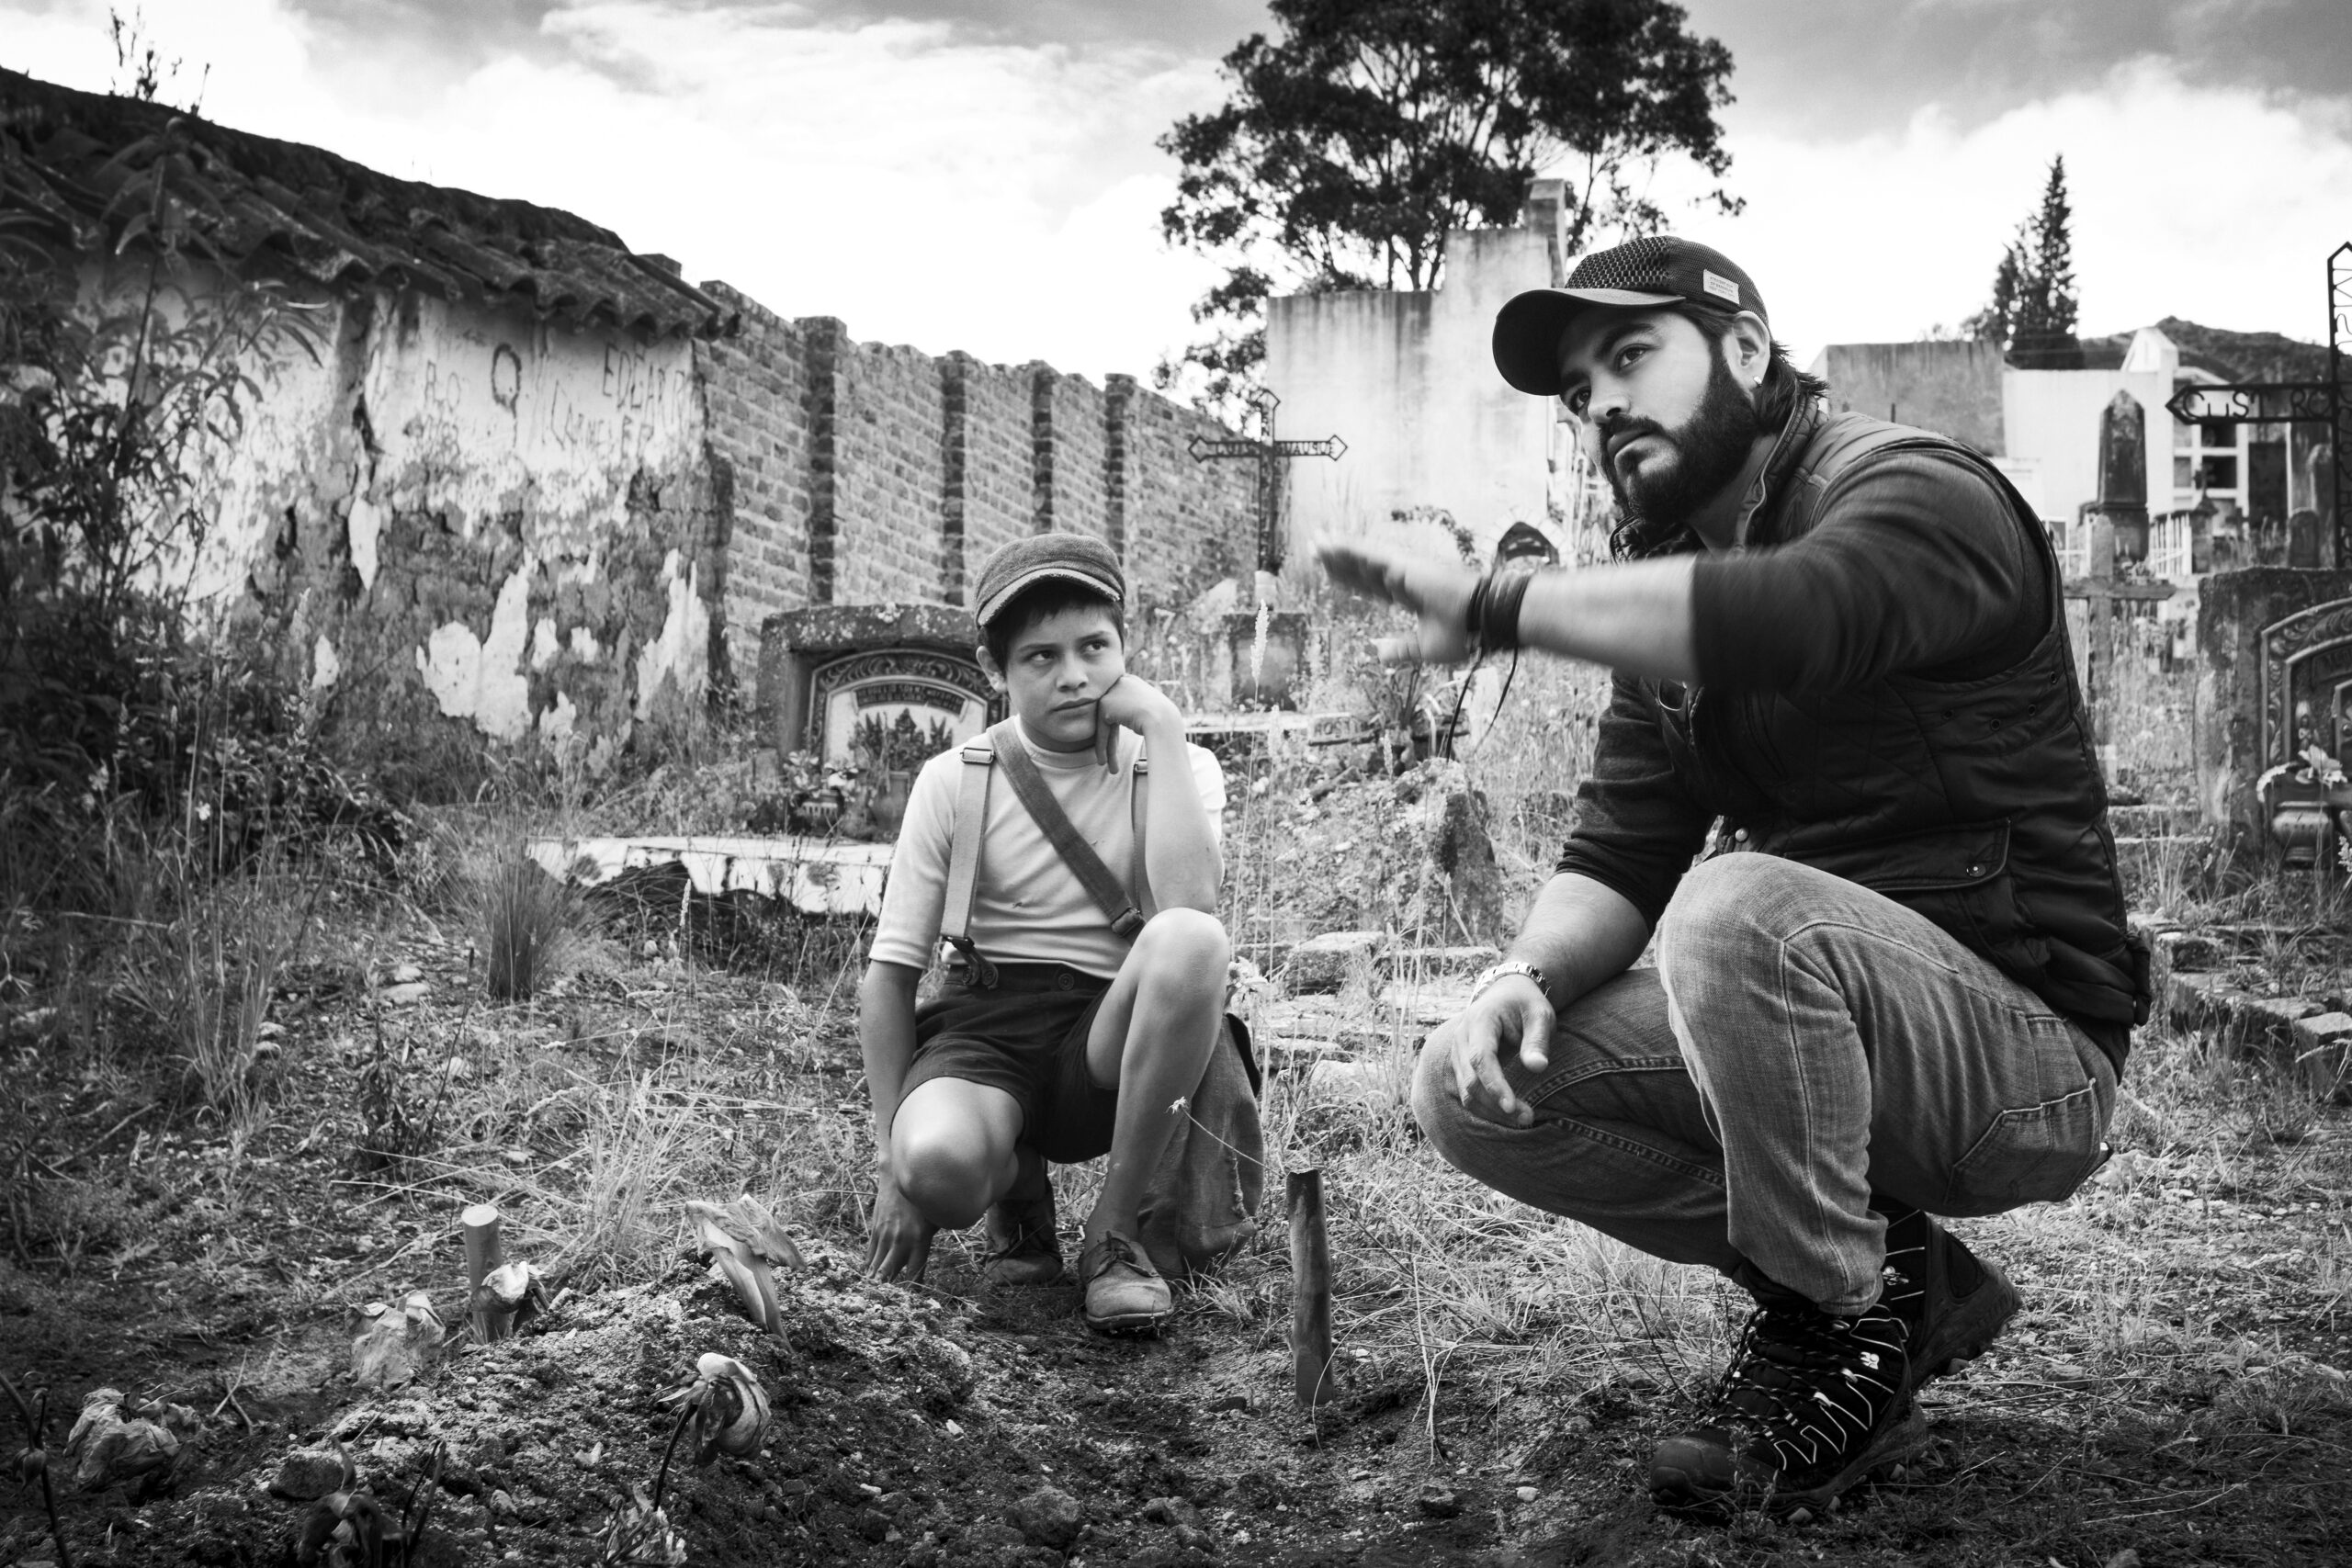 COSECHA DE PREMIOS PARA EL NIÑO DE LOS MANDADOS EN FESTIVAL INTERNACIONAL DE CINE DE GUAYAQUIL